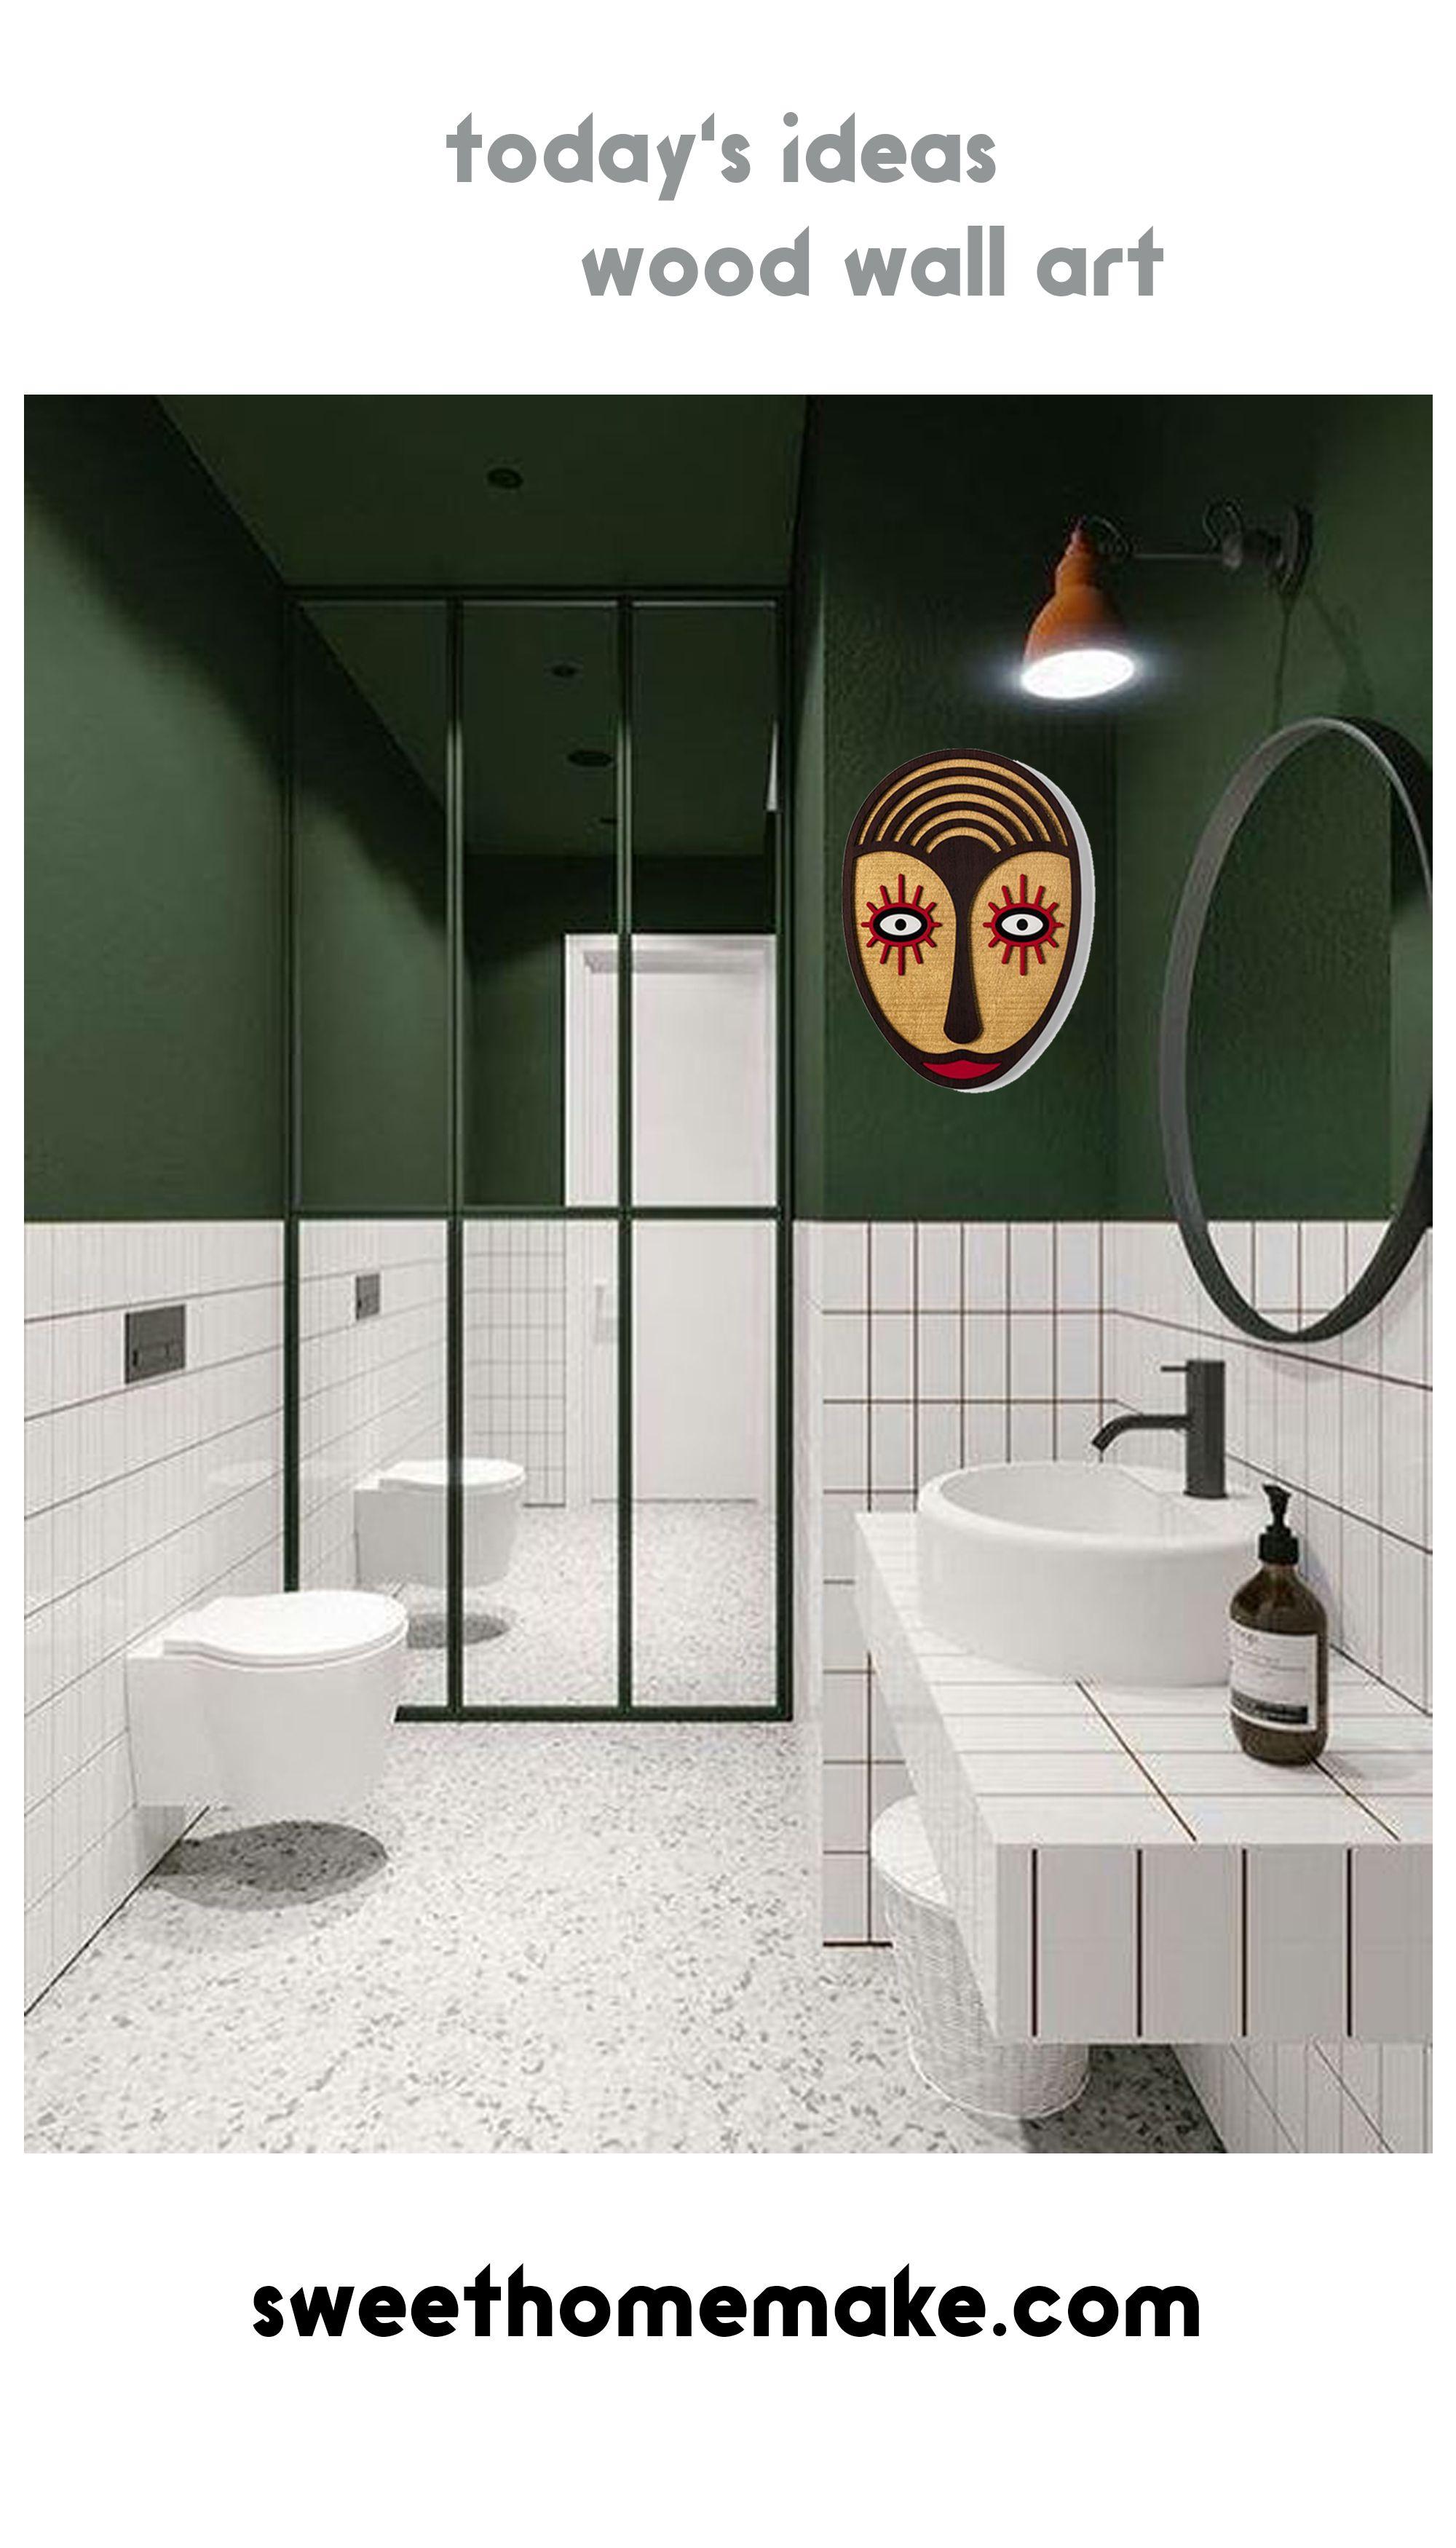 Abstract Wood Wall Art Bathroom Wall Decor At Art On Walls Todaysideas Wallart Walldecor Bathroom Wall Decor Wood Wall Art Wood Wall